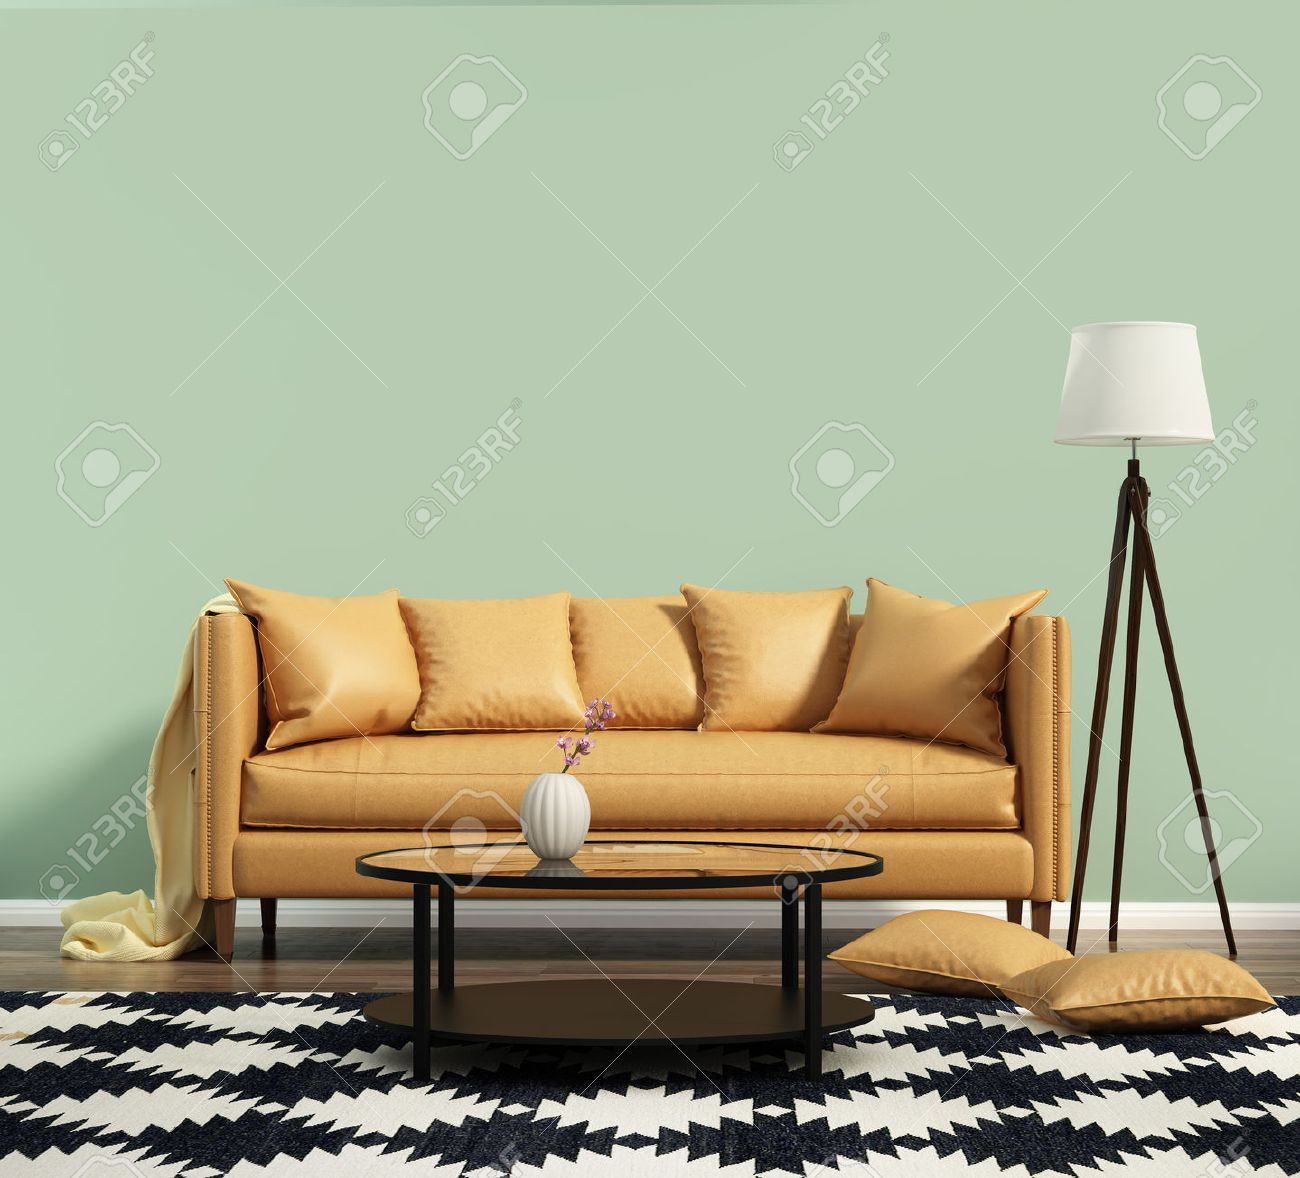 soggiorno con un divano in pelle con la parete verde foto royalty ... - Soggiorno Pareti Verdi 2